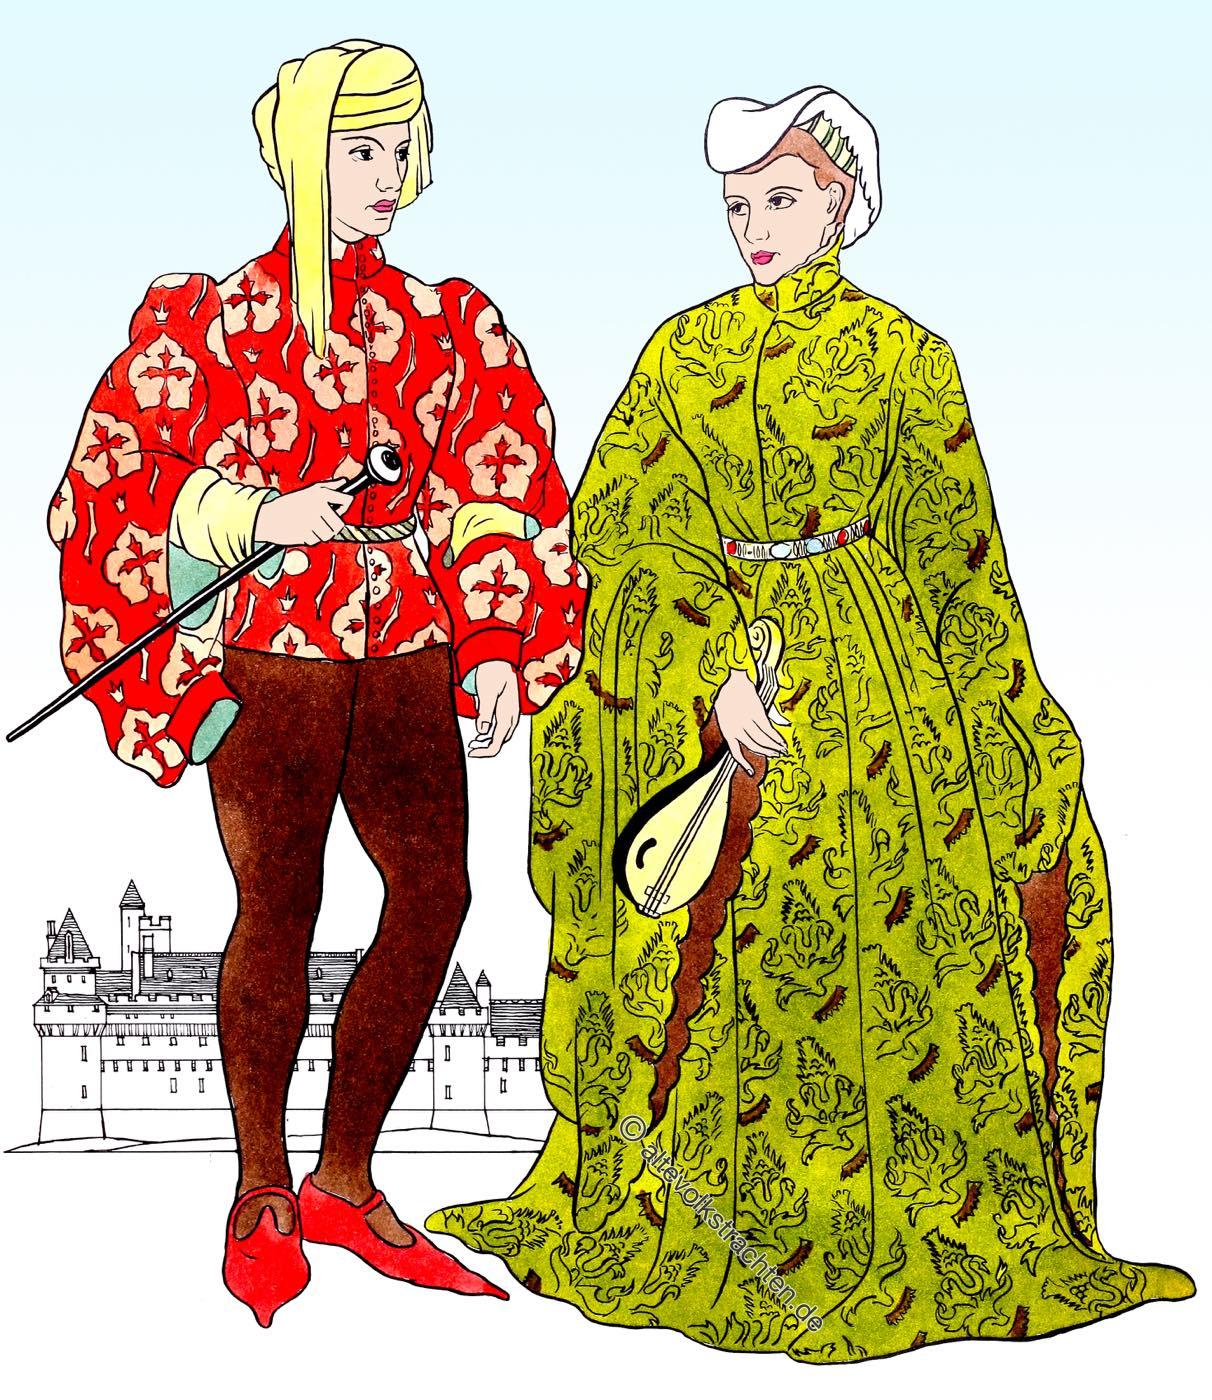 Cotehardie, houpelande, Middle Ages, Burgundy, Fashion, costumes,